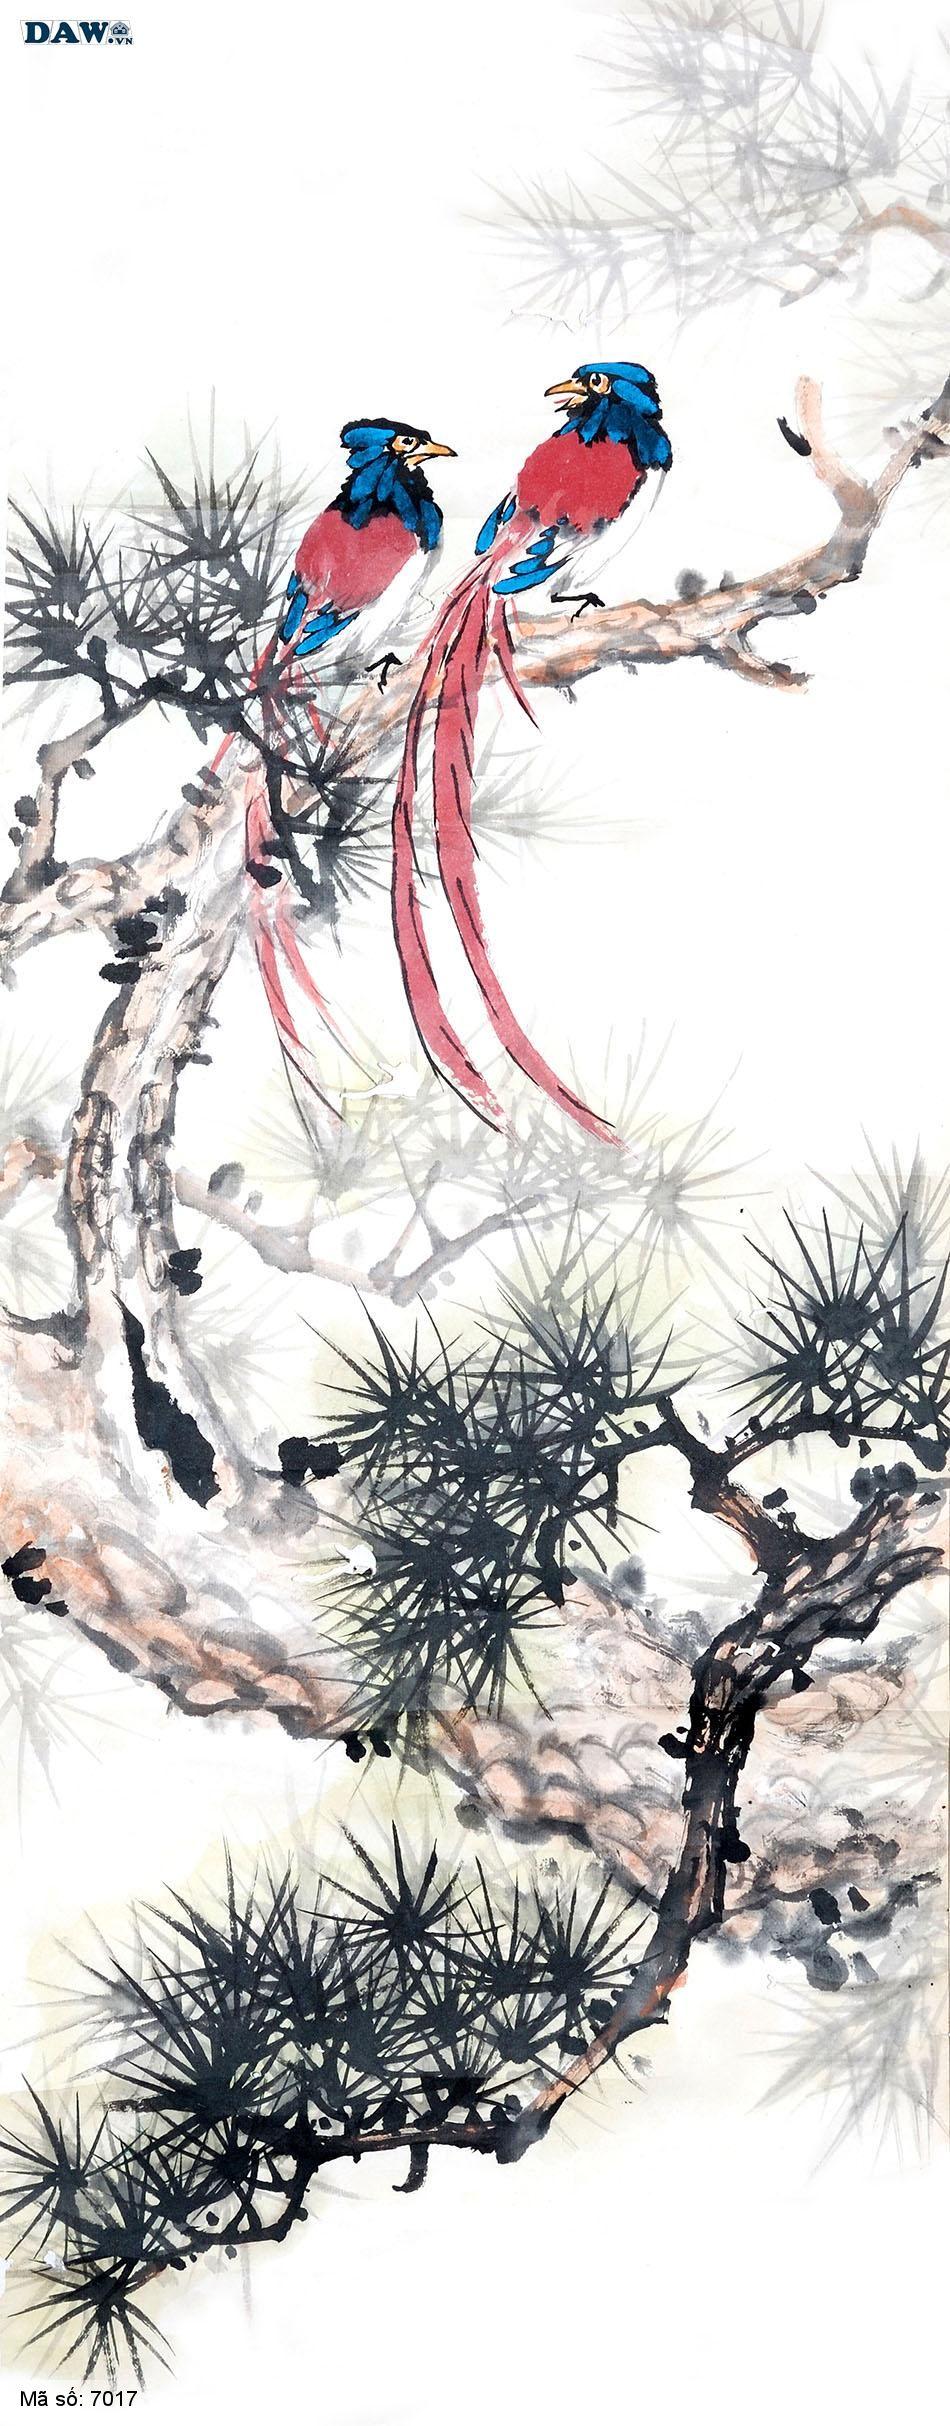 7017 Tranh dán tường Hàn Quốc | Tranh dán tường Thủy Mặc - Phong Thủy  7017